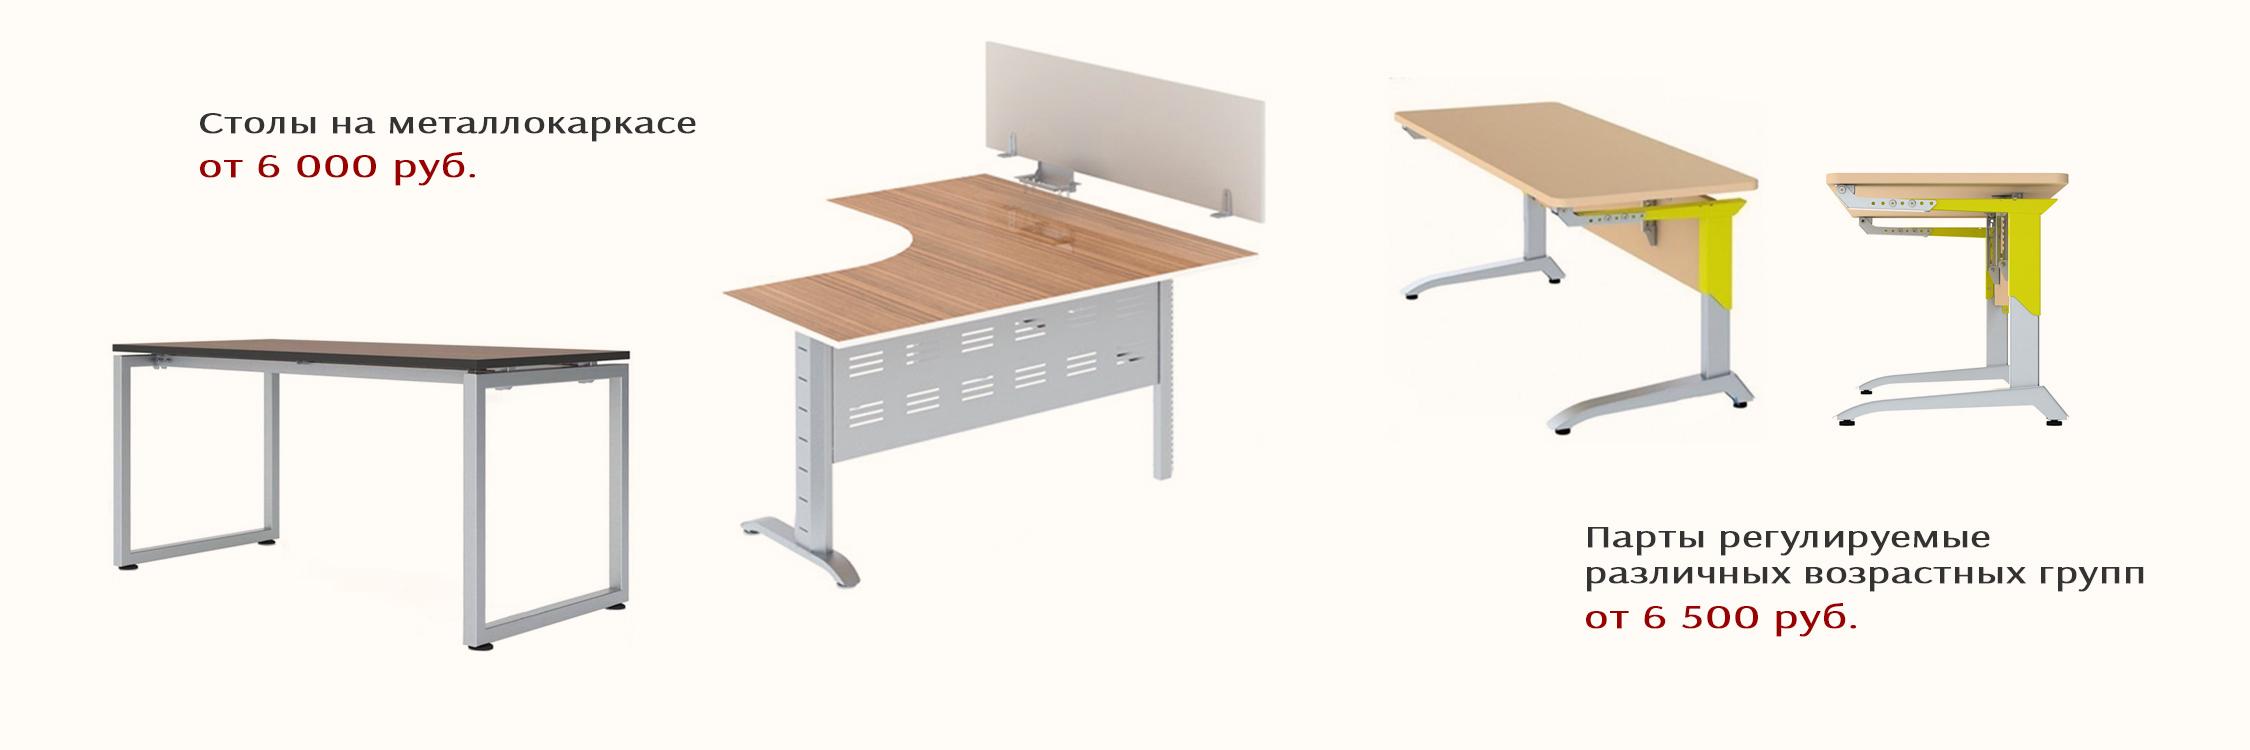 Металлокаркасы для офисных столов и парт